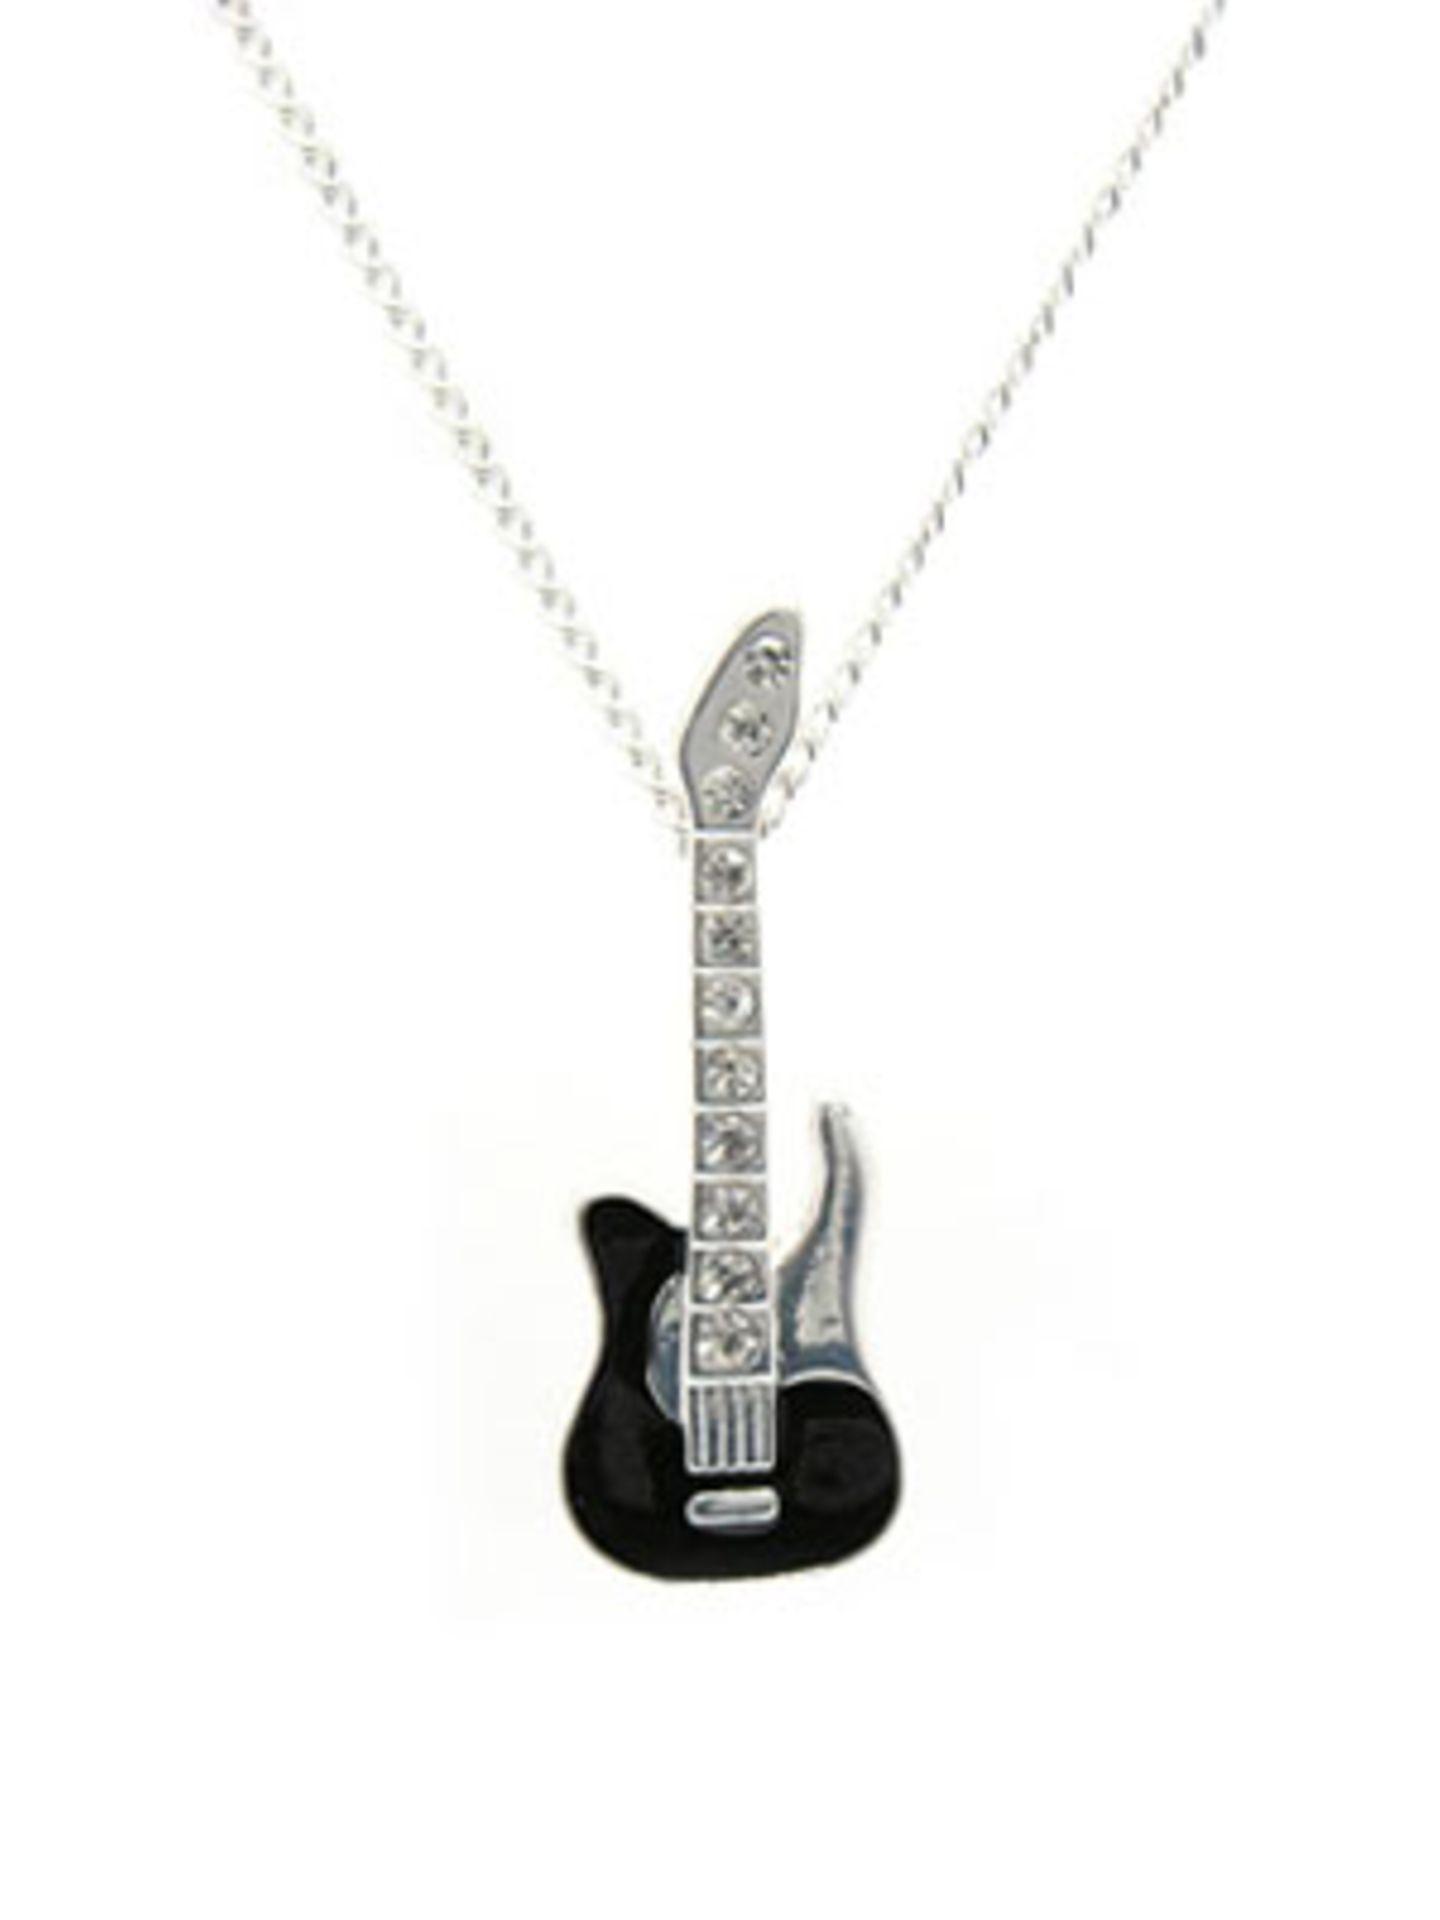 Für echte Rockerbabes: Kette mit Glitzergitarre von www.asos.com, um 7 Euro.